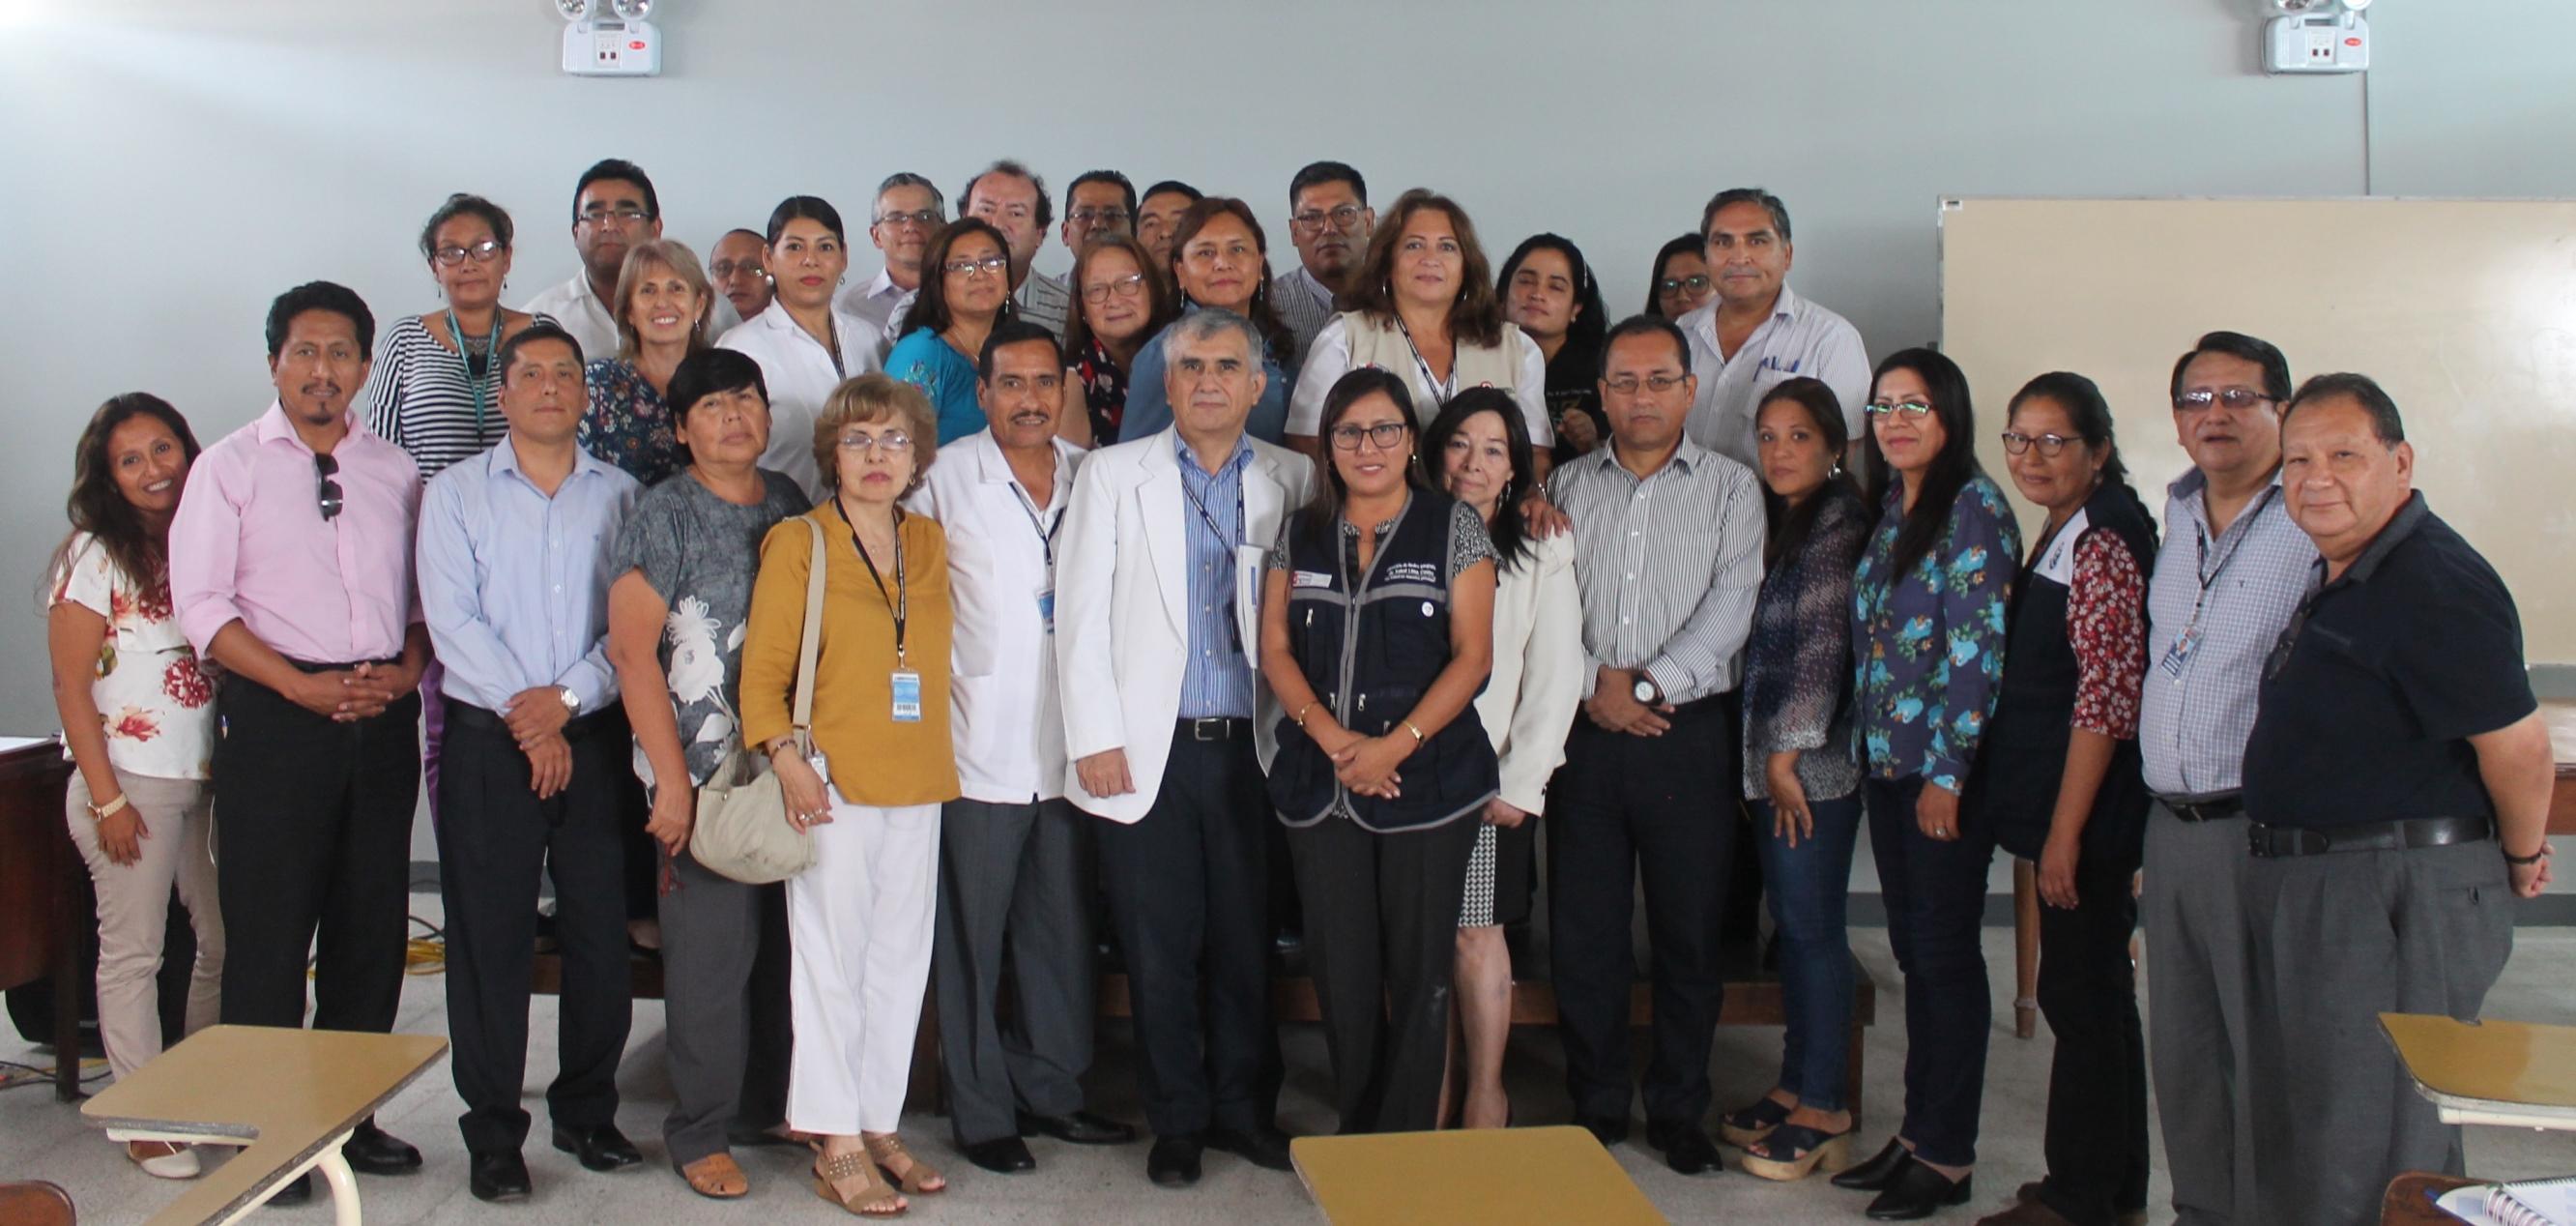 CDC Minsa capacita a jefes de establecimientos de Salud de la DIRIS Lima Centro sobre sarampión